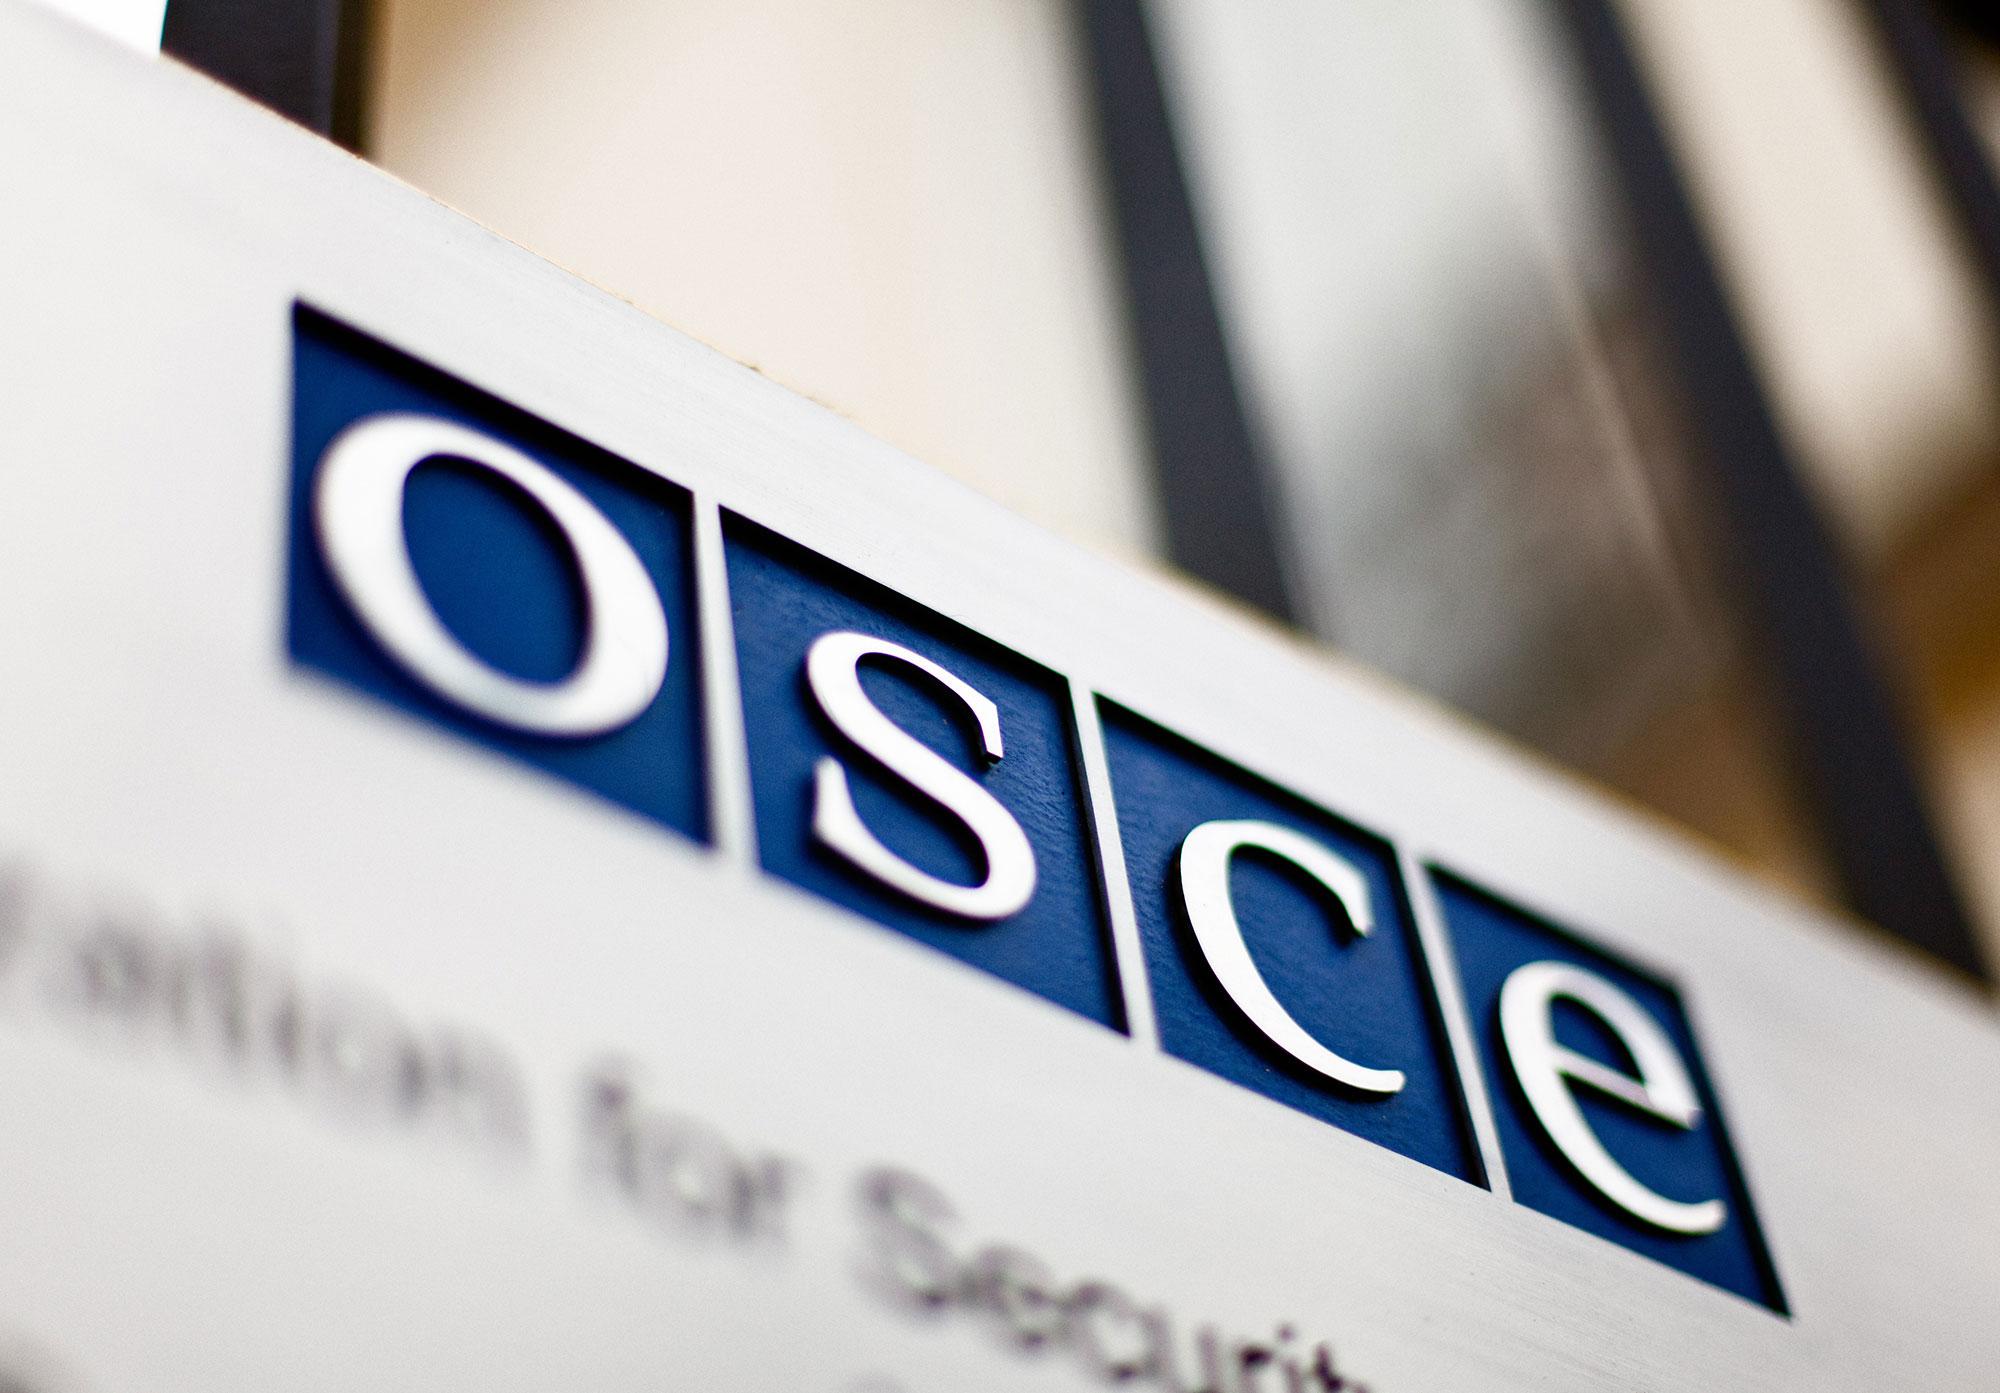 欧安组织:全面合作安全的典范